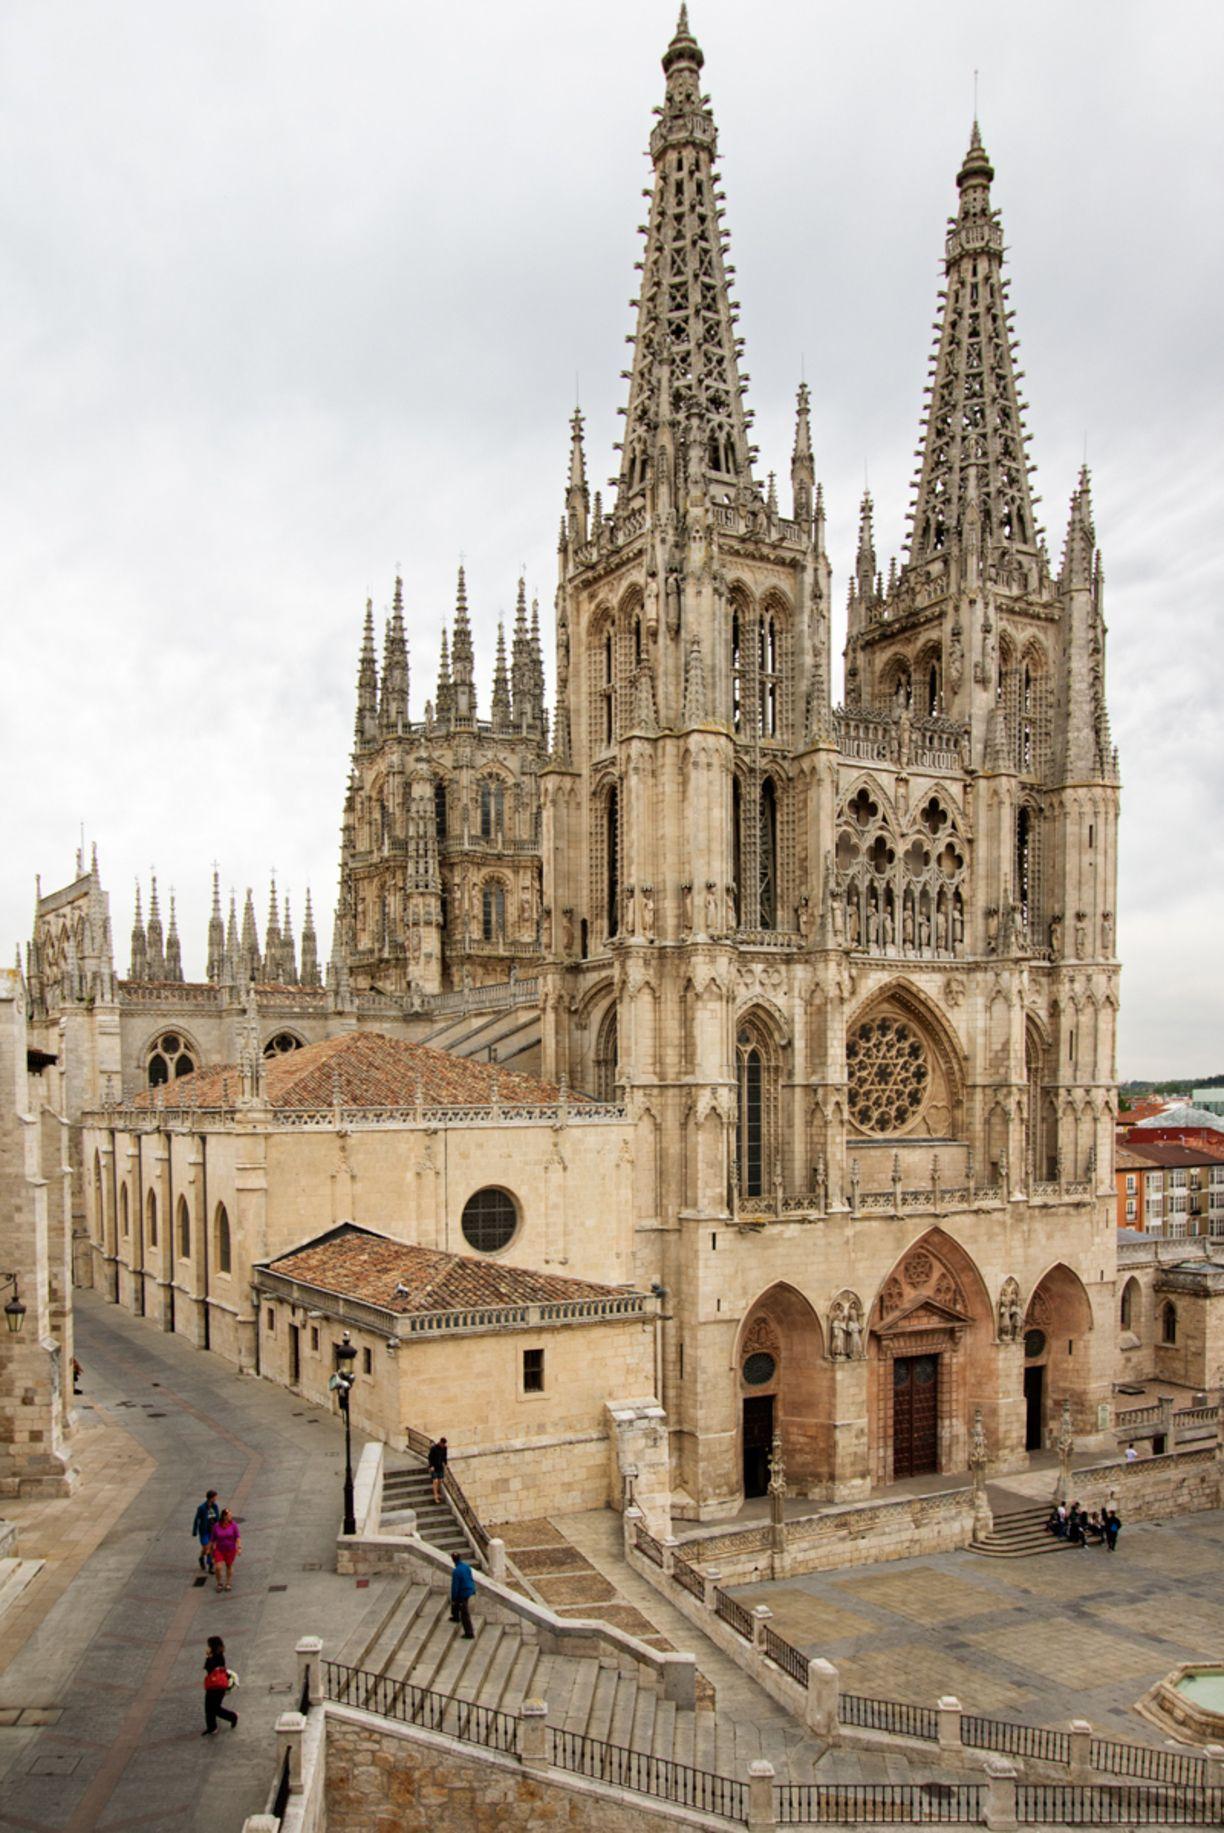 Bouwkunst Kathedraal Burgos Spanje Gotisch 1222 1568 Burgos Kathedrale Gotisch